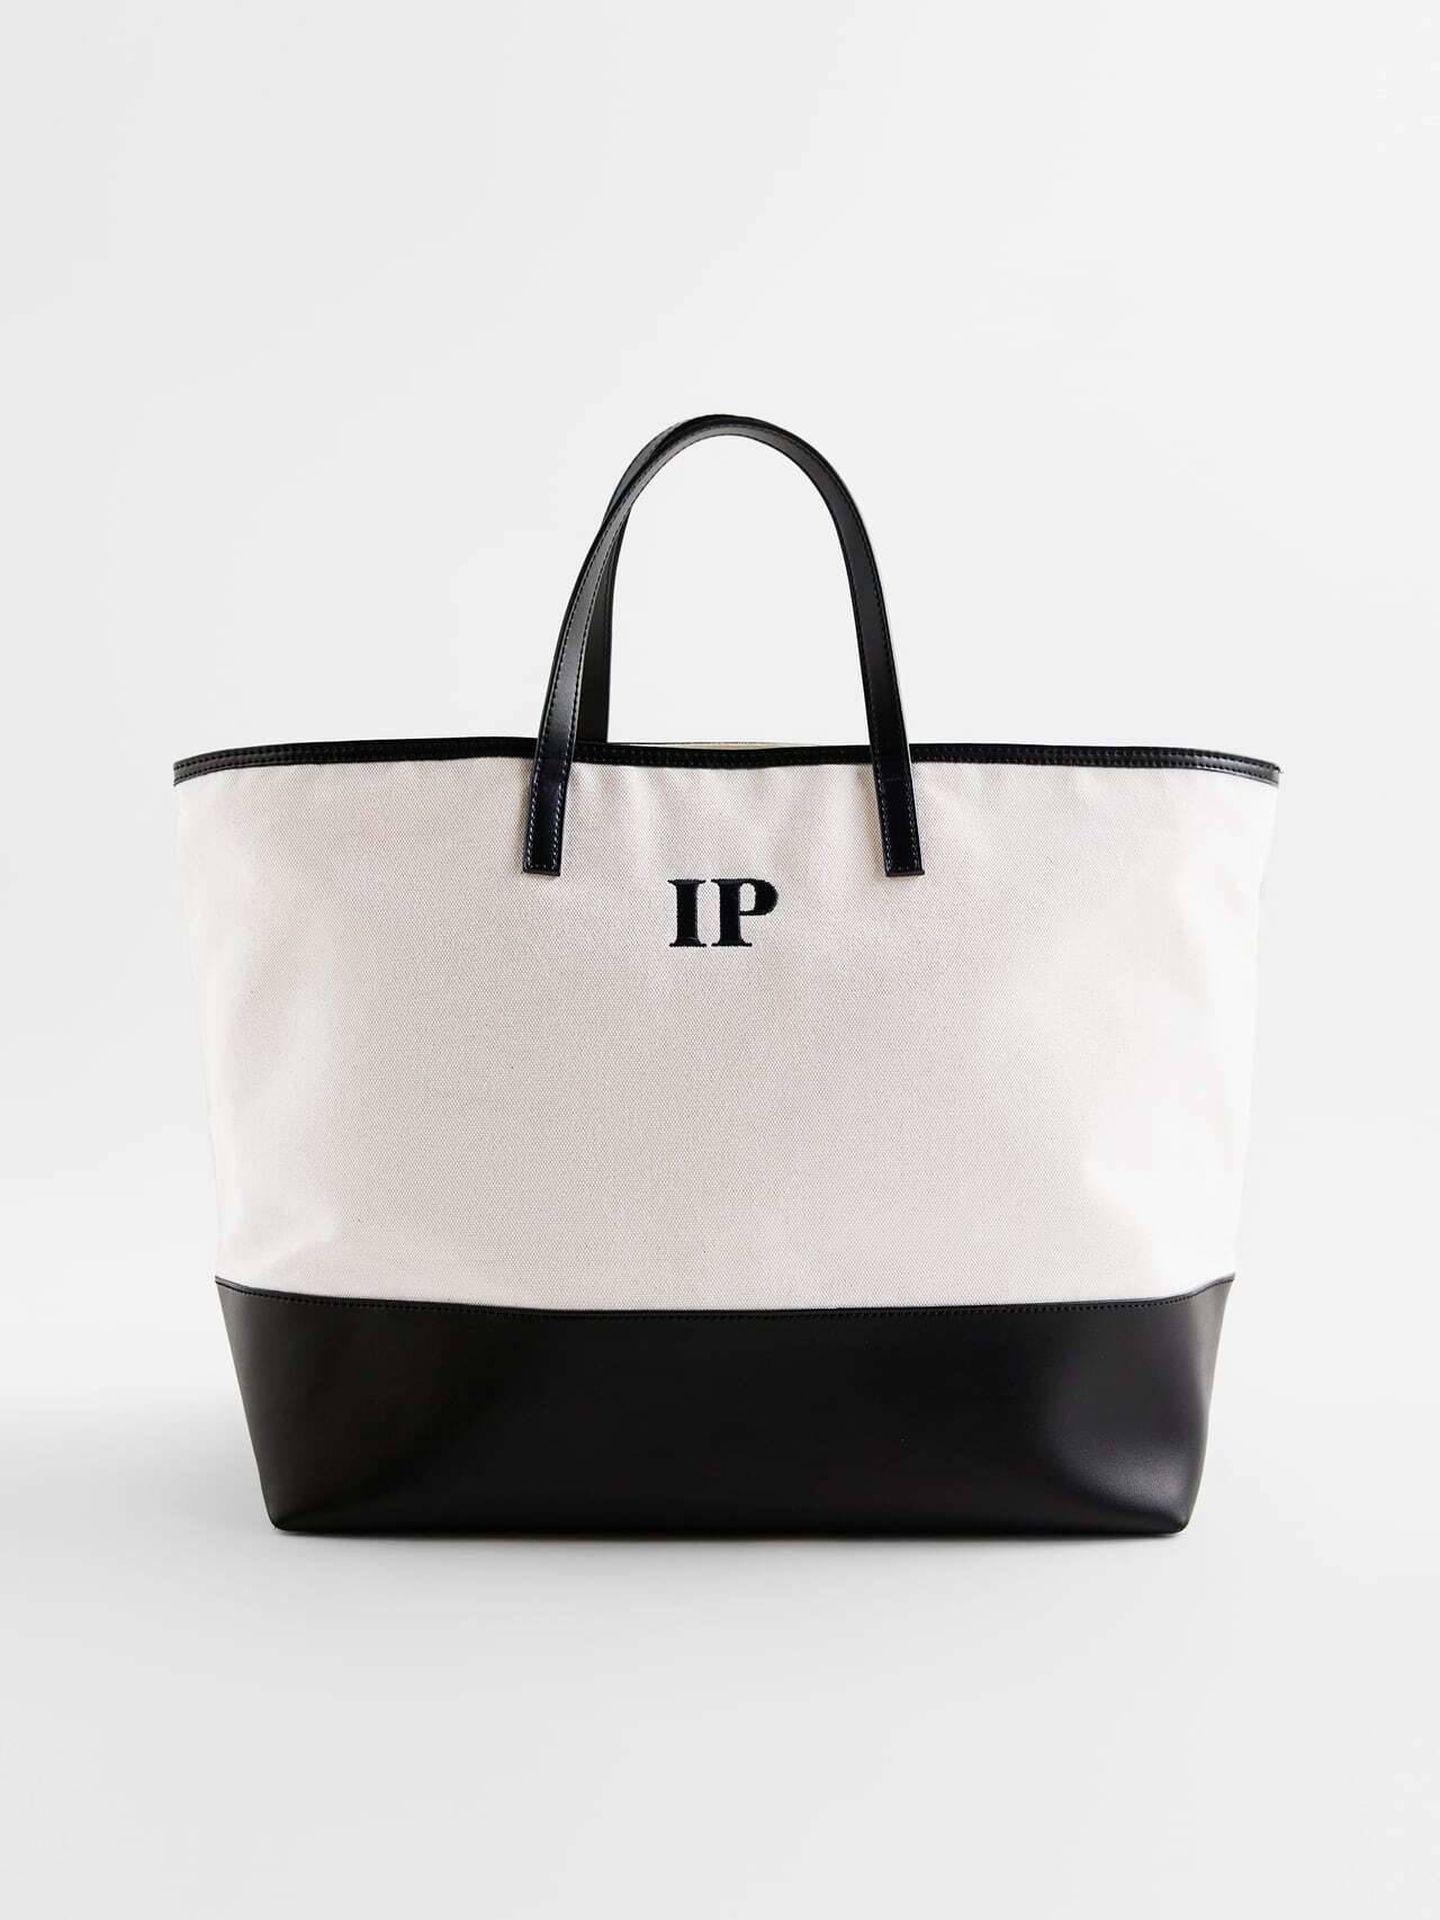 El bolso personalizado de Zara. (Cortesía)